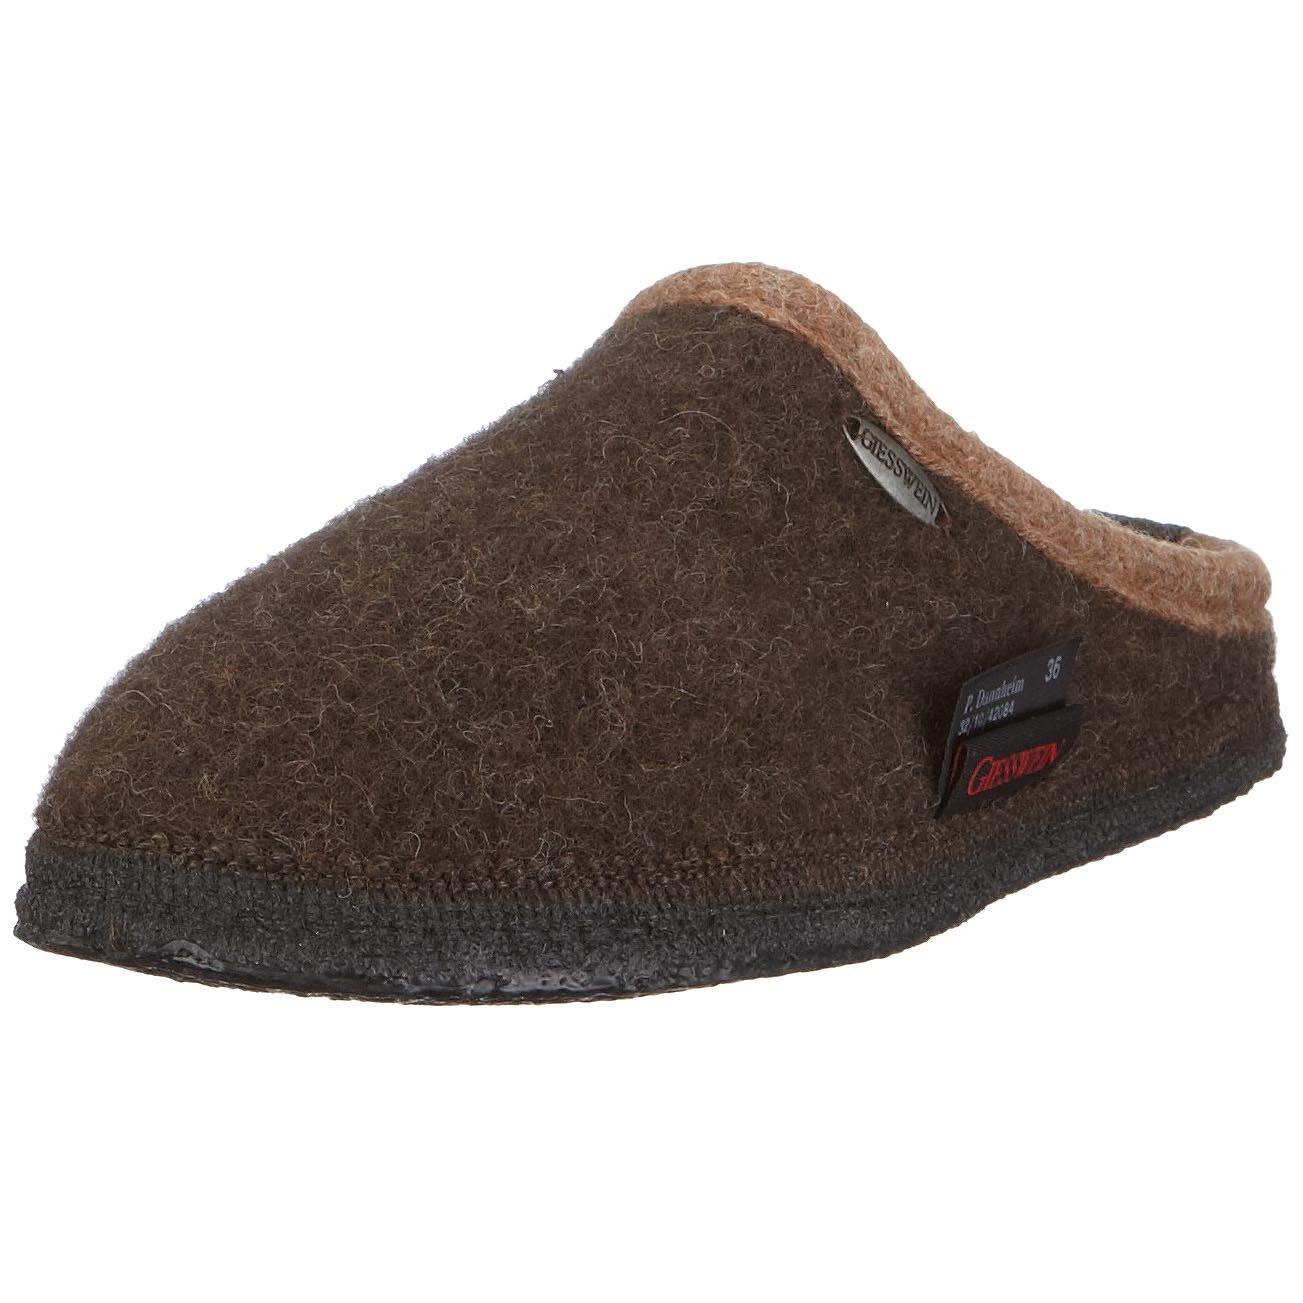 Coffee Giesswein Womens Dannheim Wool Sandals